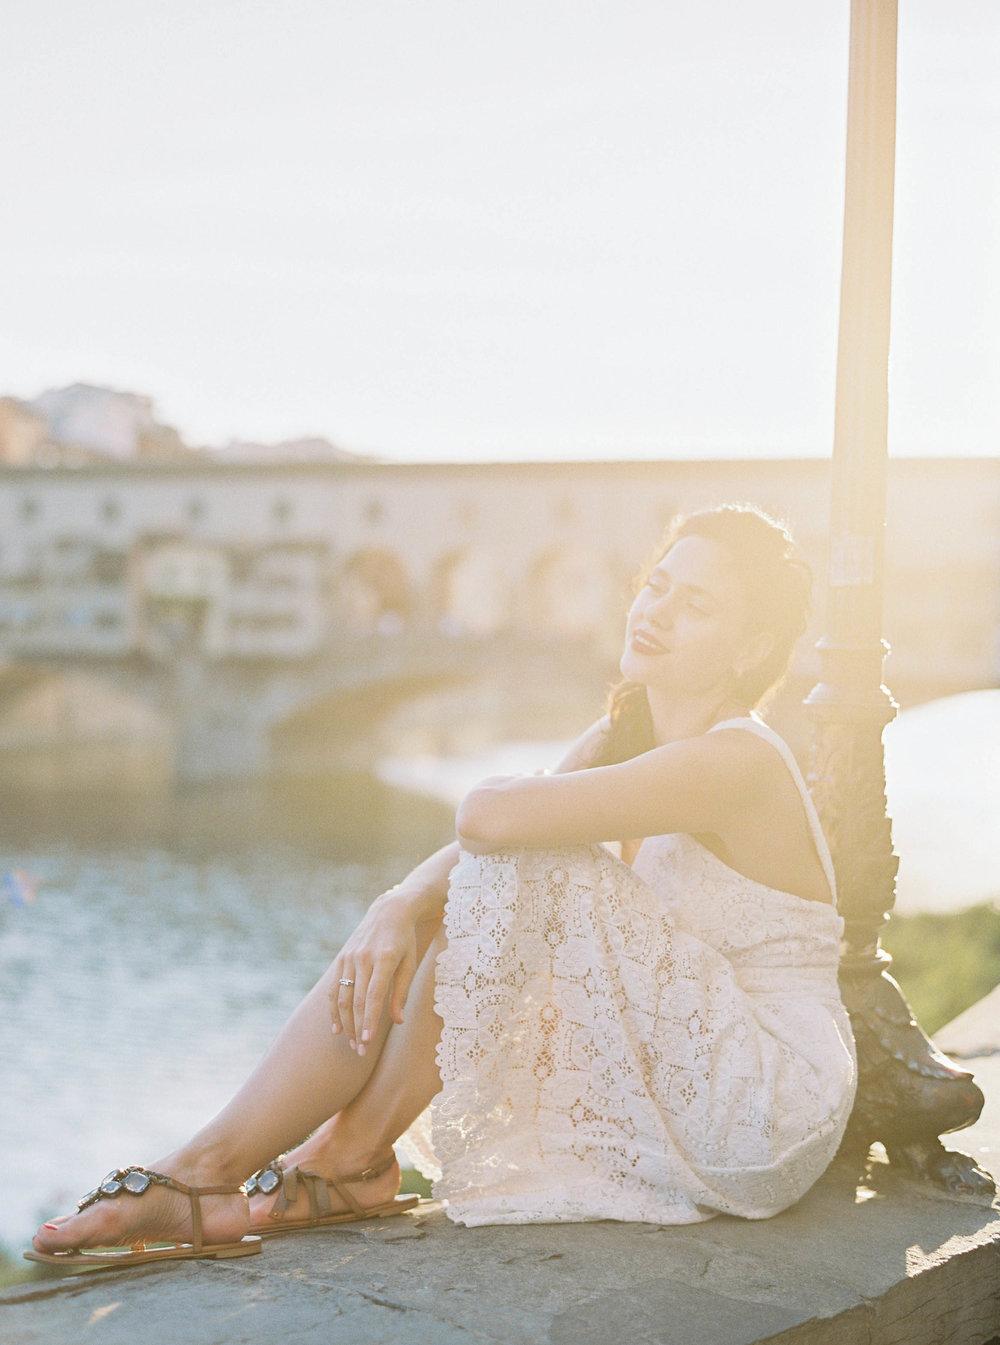 nastia_vesna_photography_9.jpg